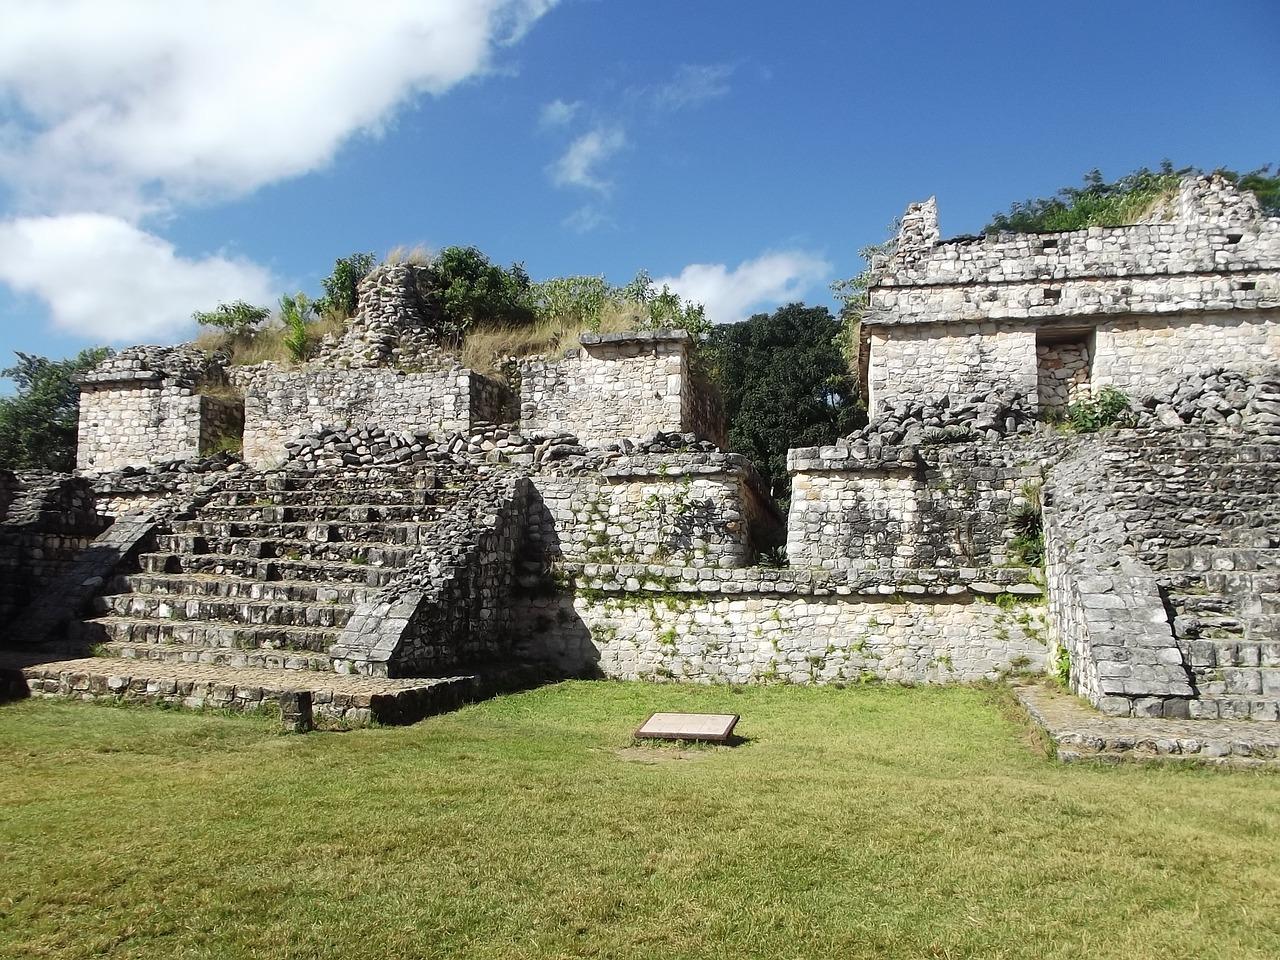 Die Maya-Ruinen von Ek Balam